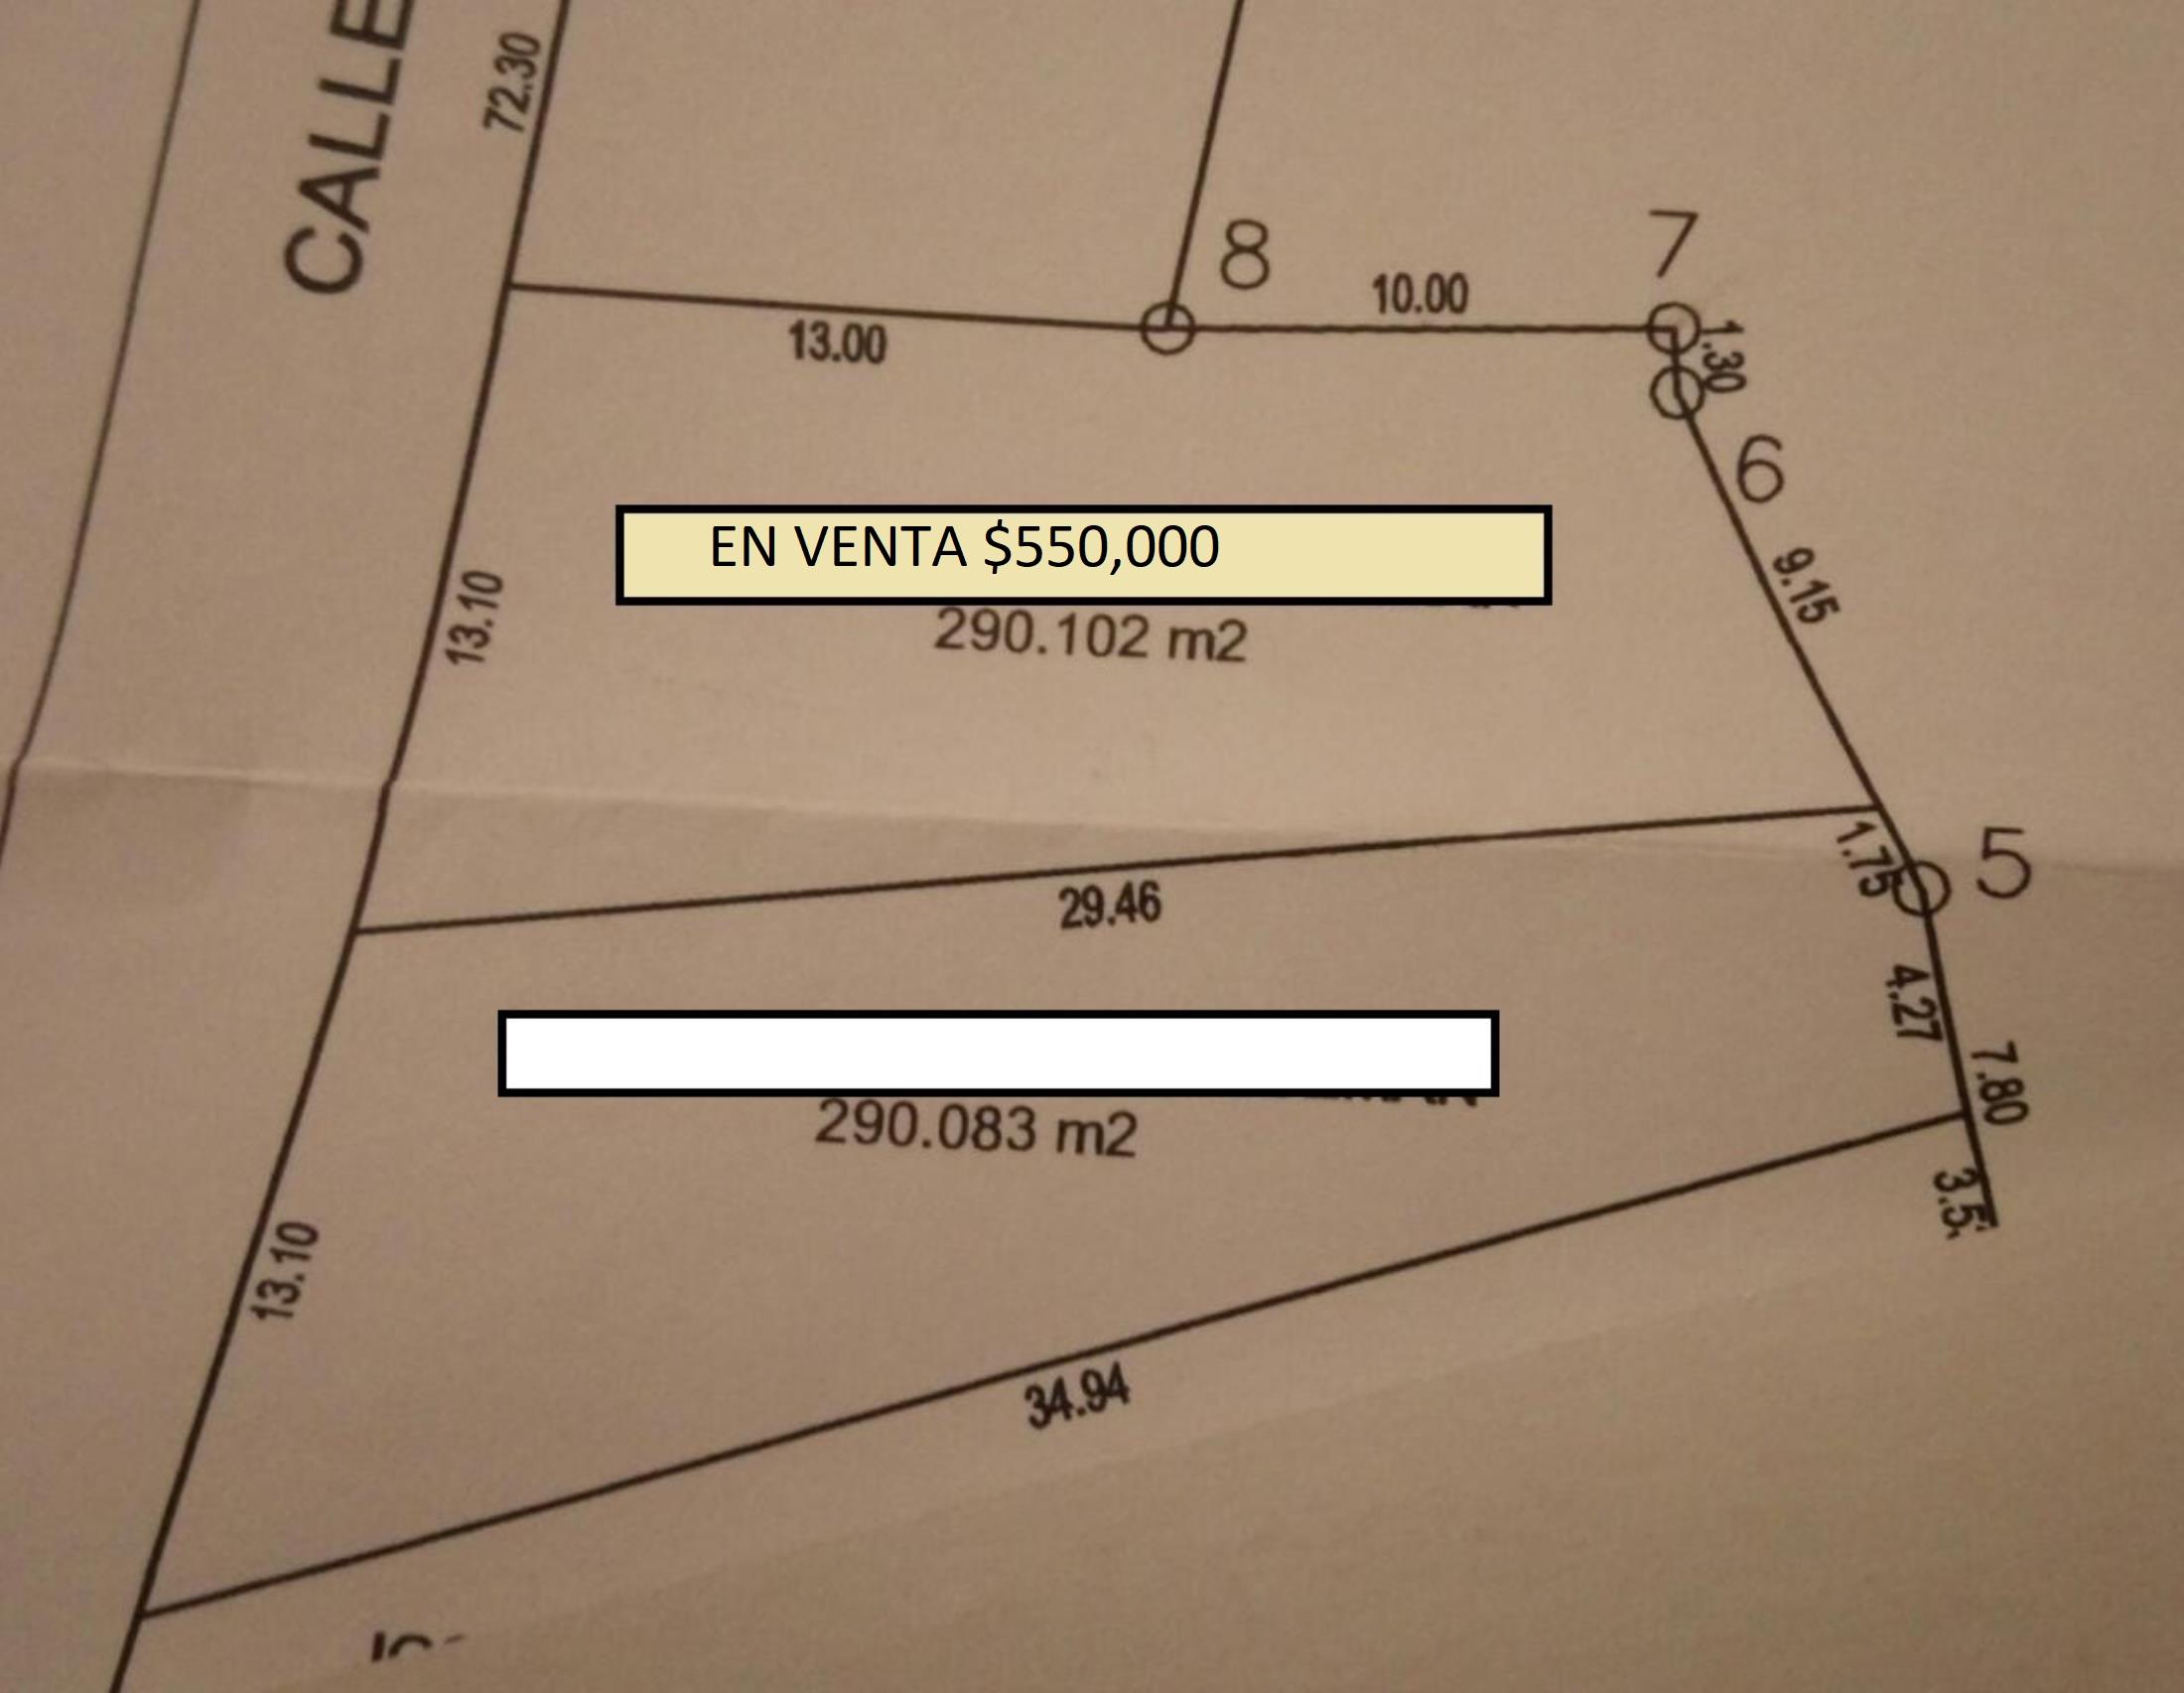 VENTA DE TERRENO COATEPEC ,PROL DE CALLE 16 DE SEPTIEMBRE, JUNTO A FRACC PRIVADO 290m2